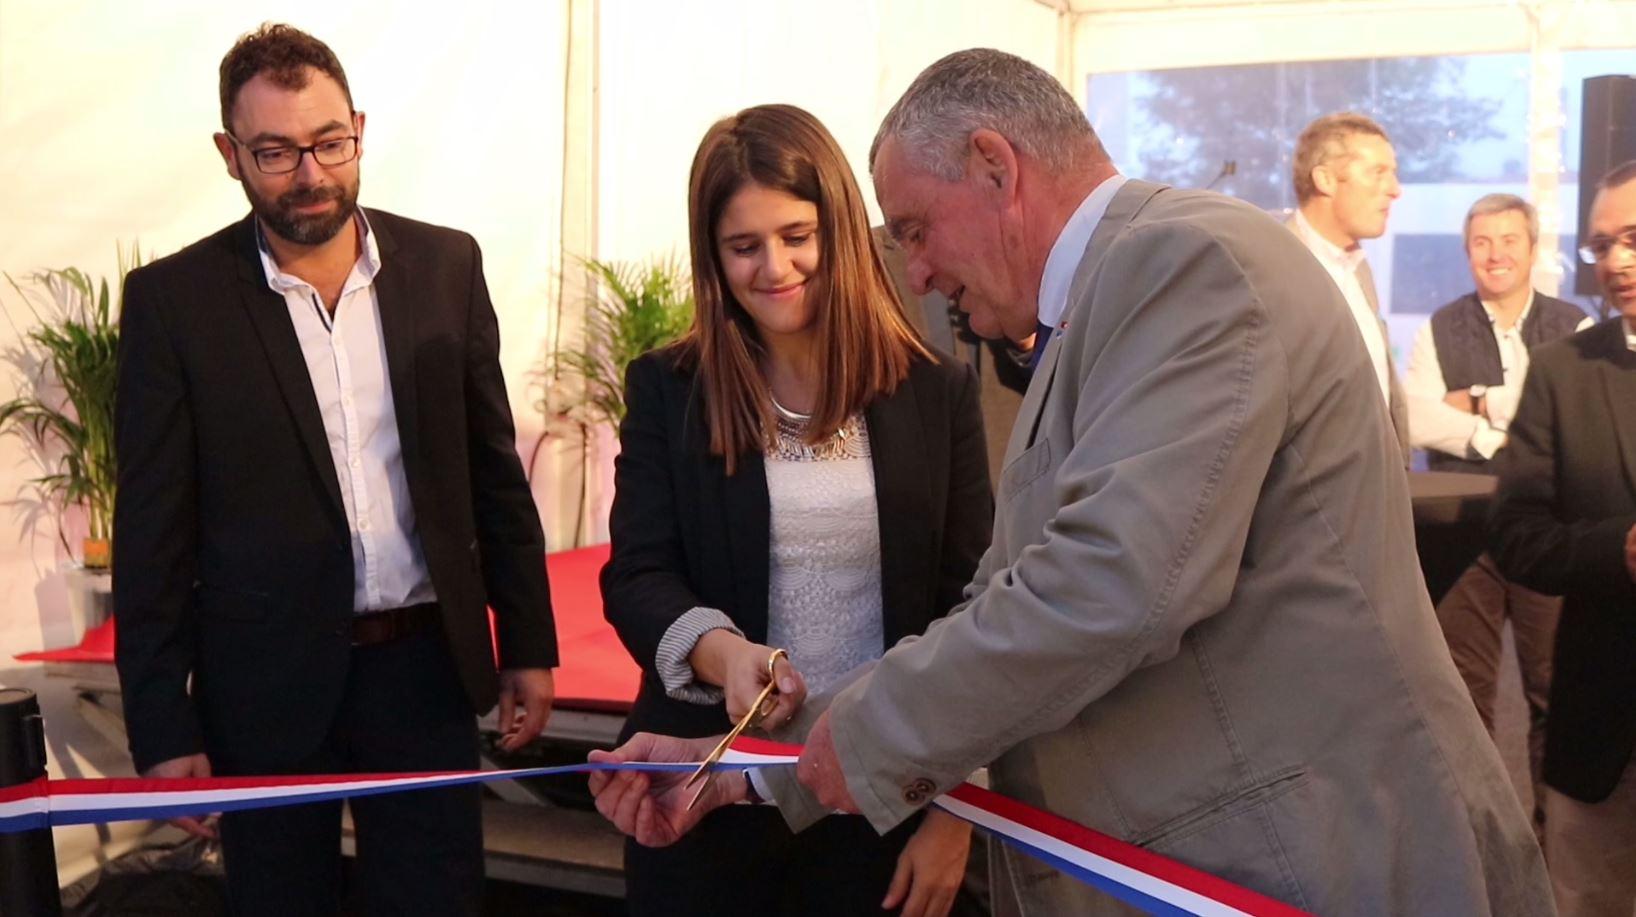 Le ruban a été coupé pour l'inauguration du Super U de Royan !